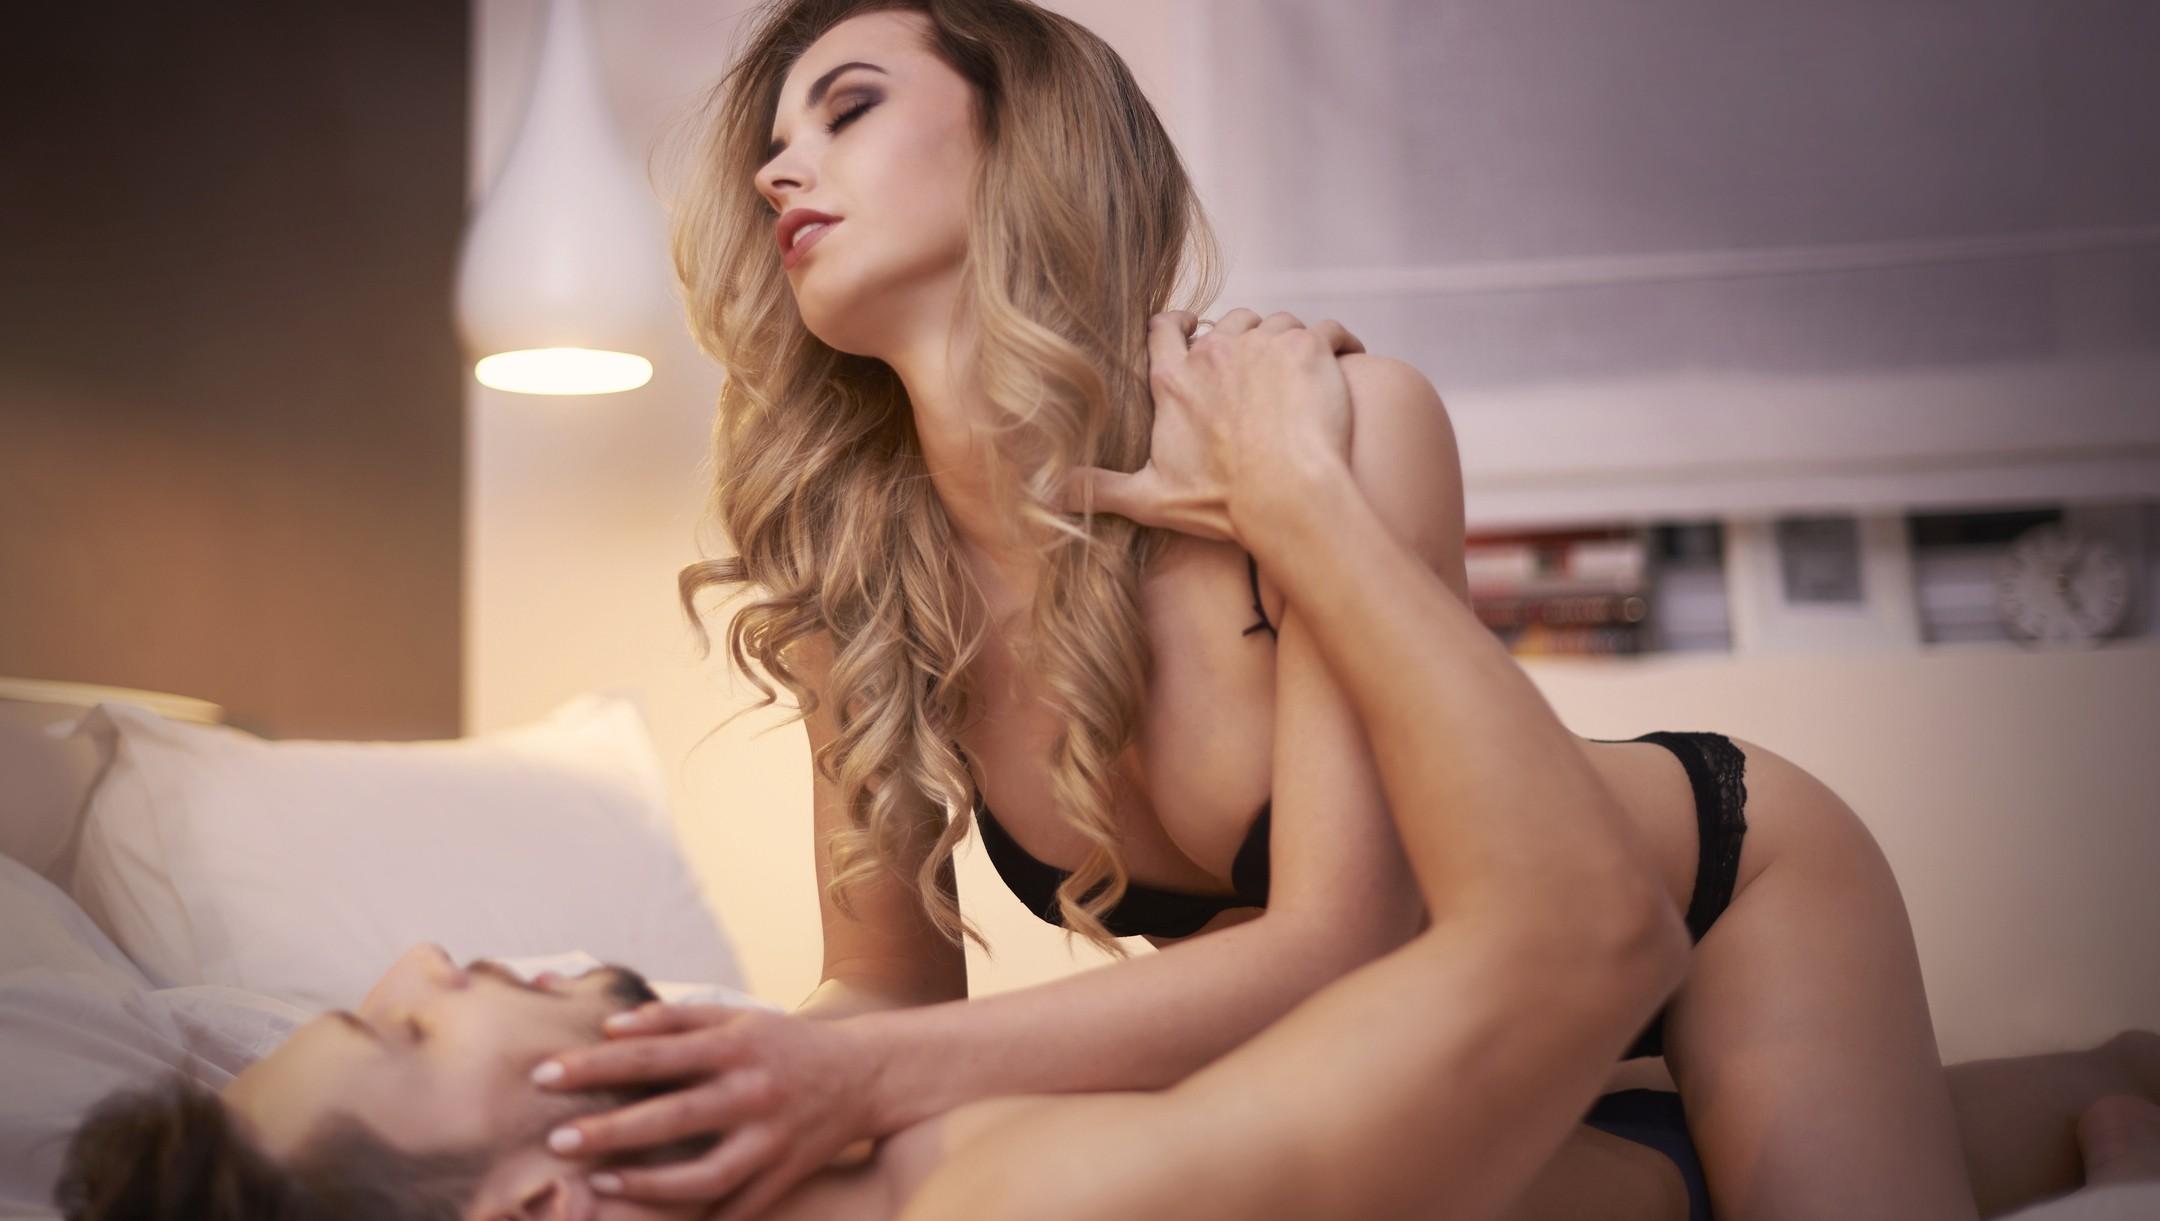 wie frauen einen orgasmus bekommen